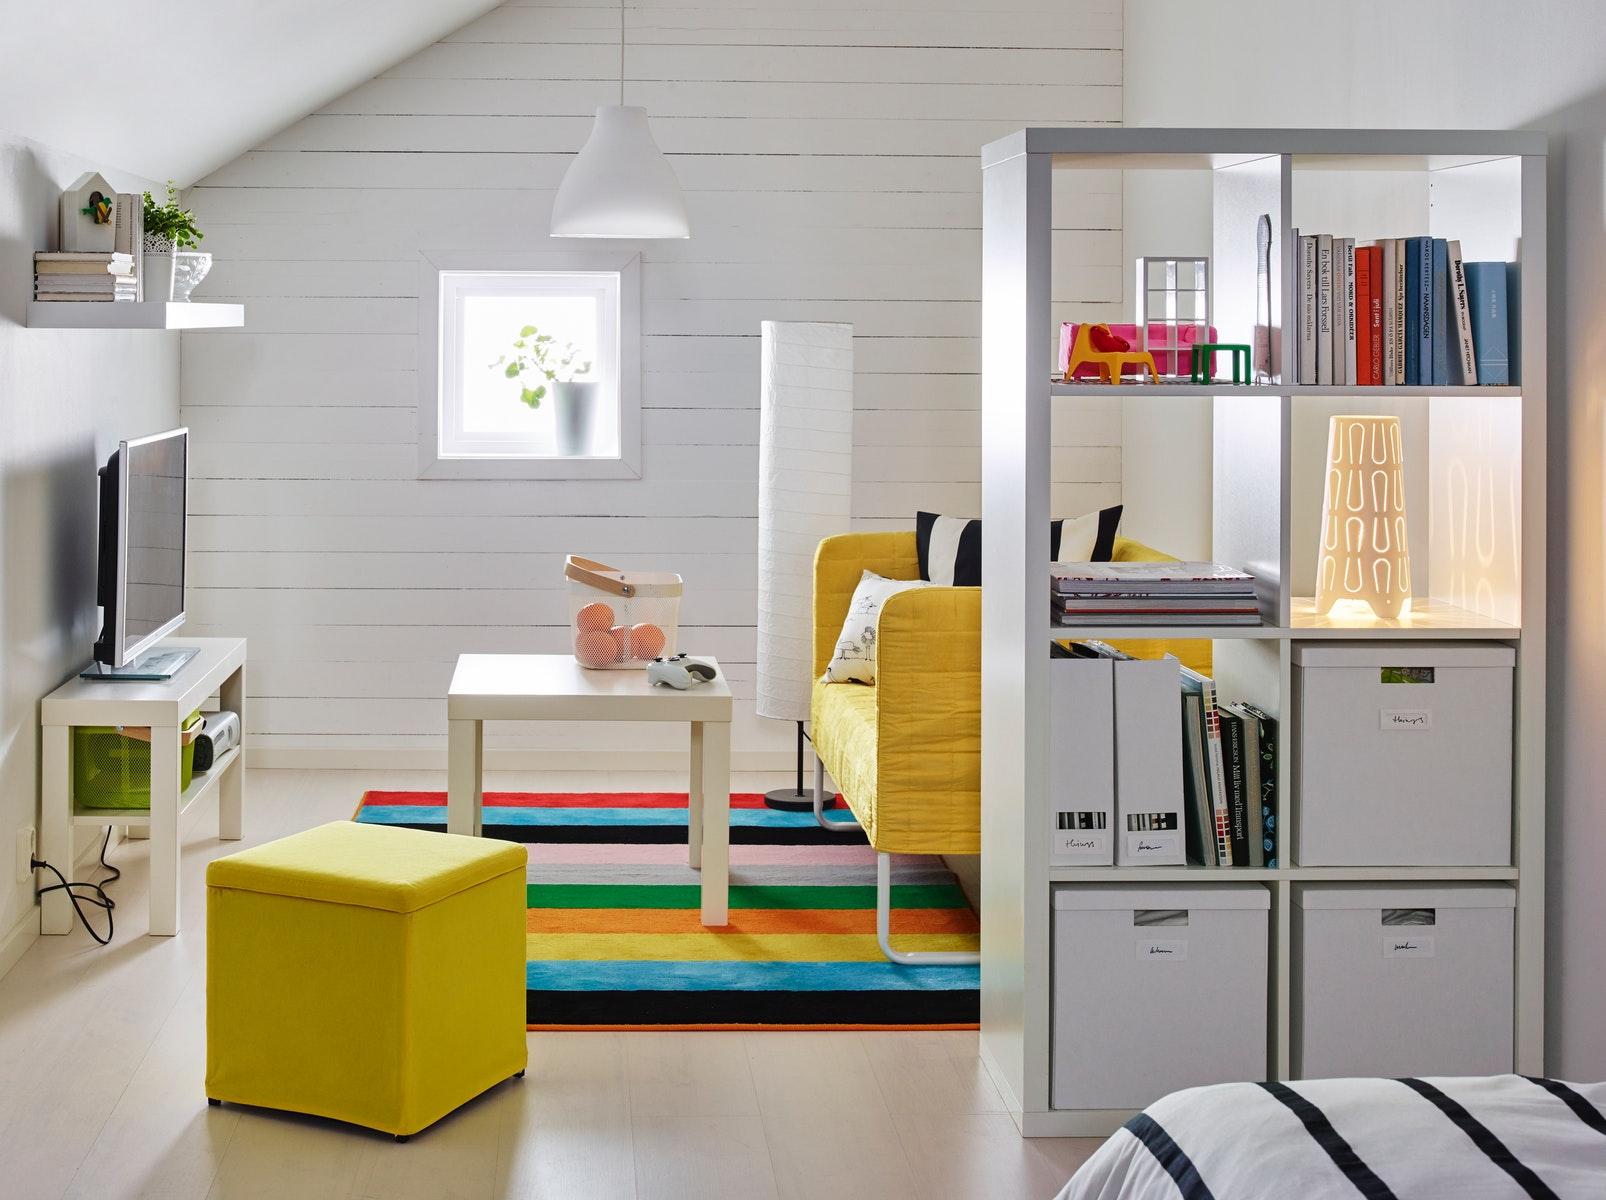 Tips Ide Dekorasi Ruang Tamu Minimalis Untuk Rumah Kecil Ikea Indonesia